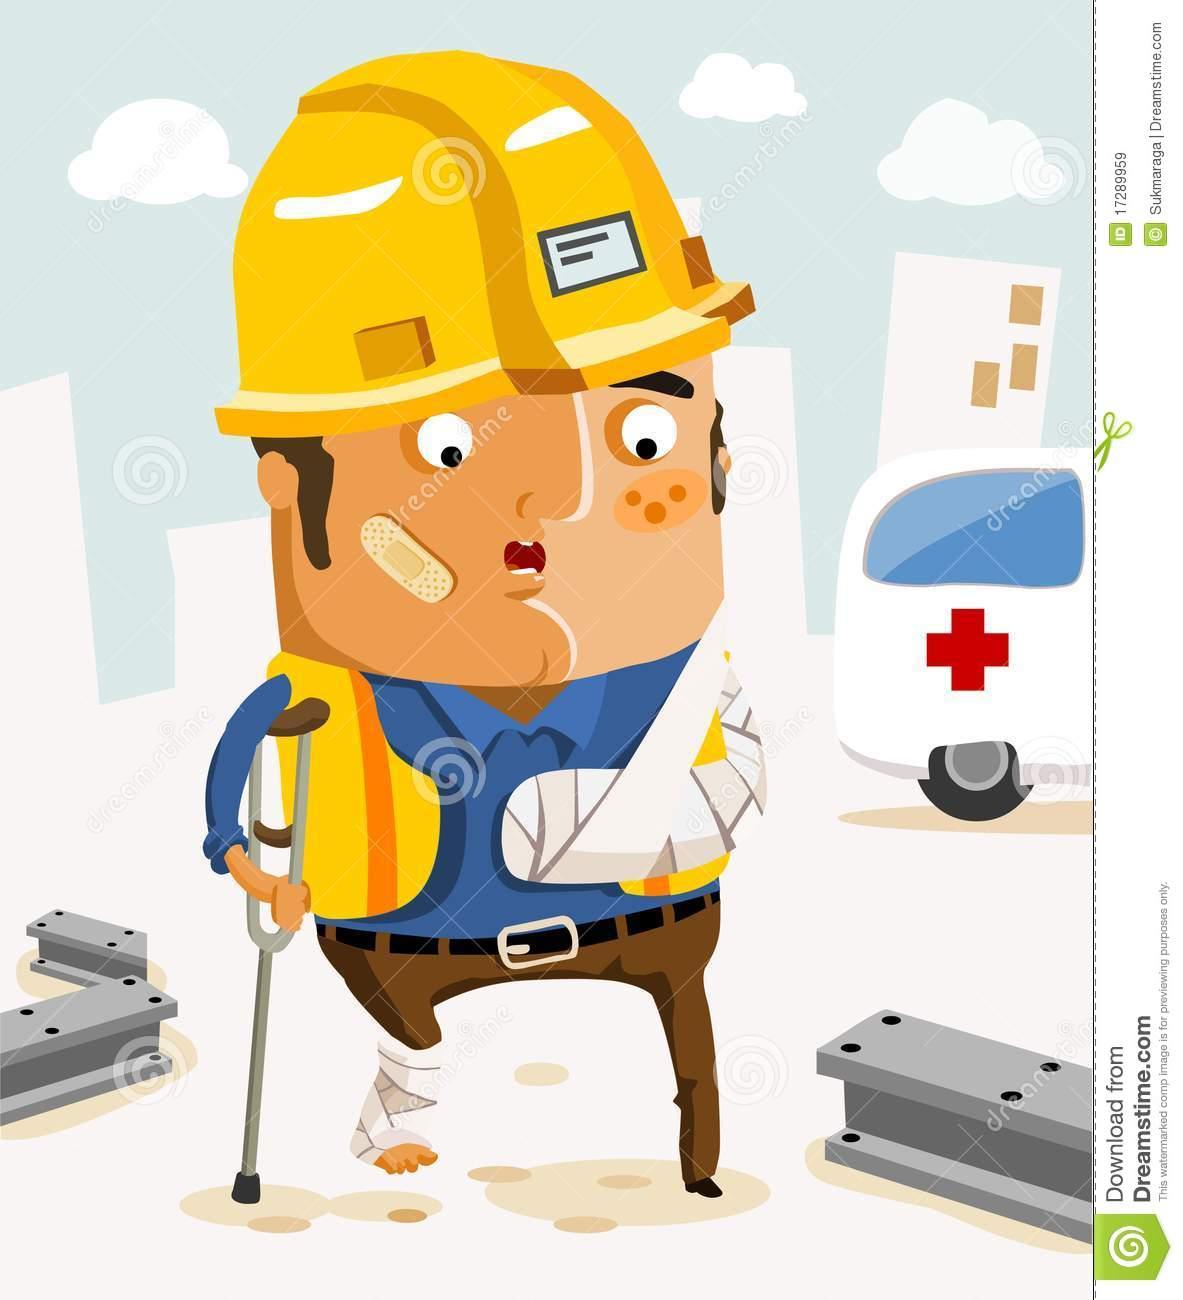 Chế độ dưỡng sức phục hồi sức khỏe sau tai nạn lao động - bệnh nghề nghiệp